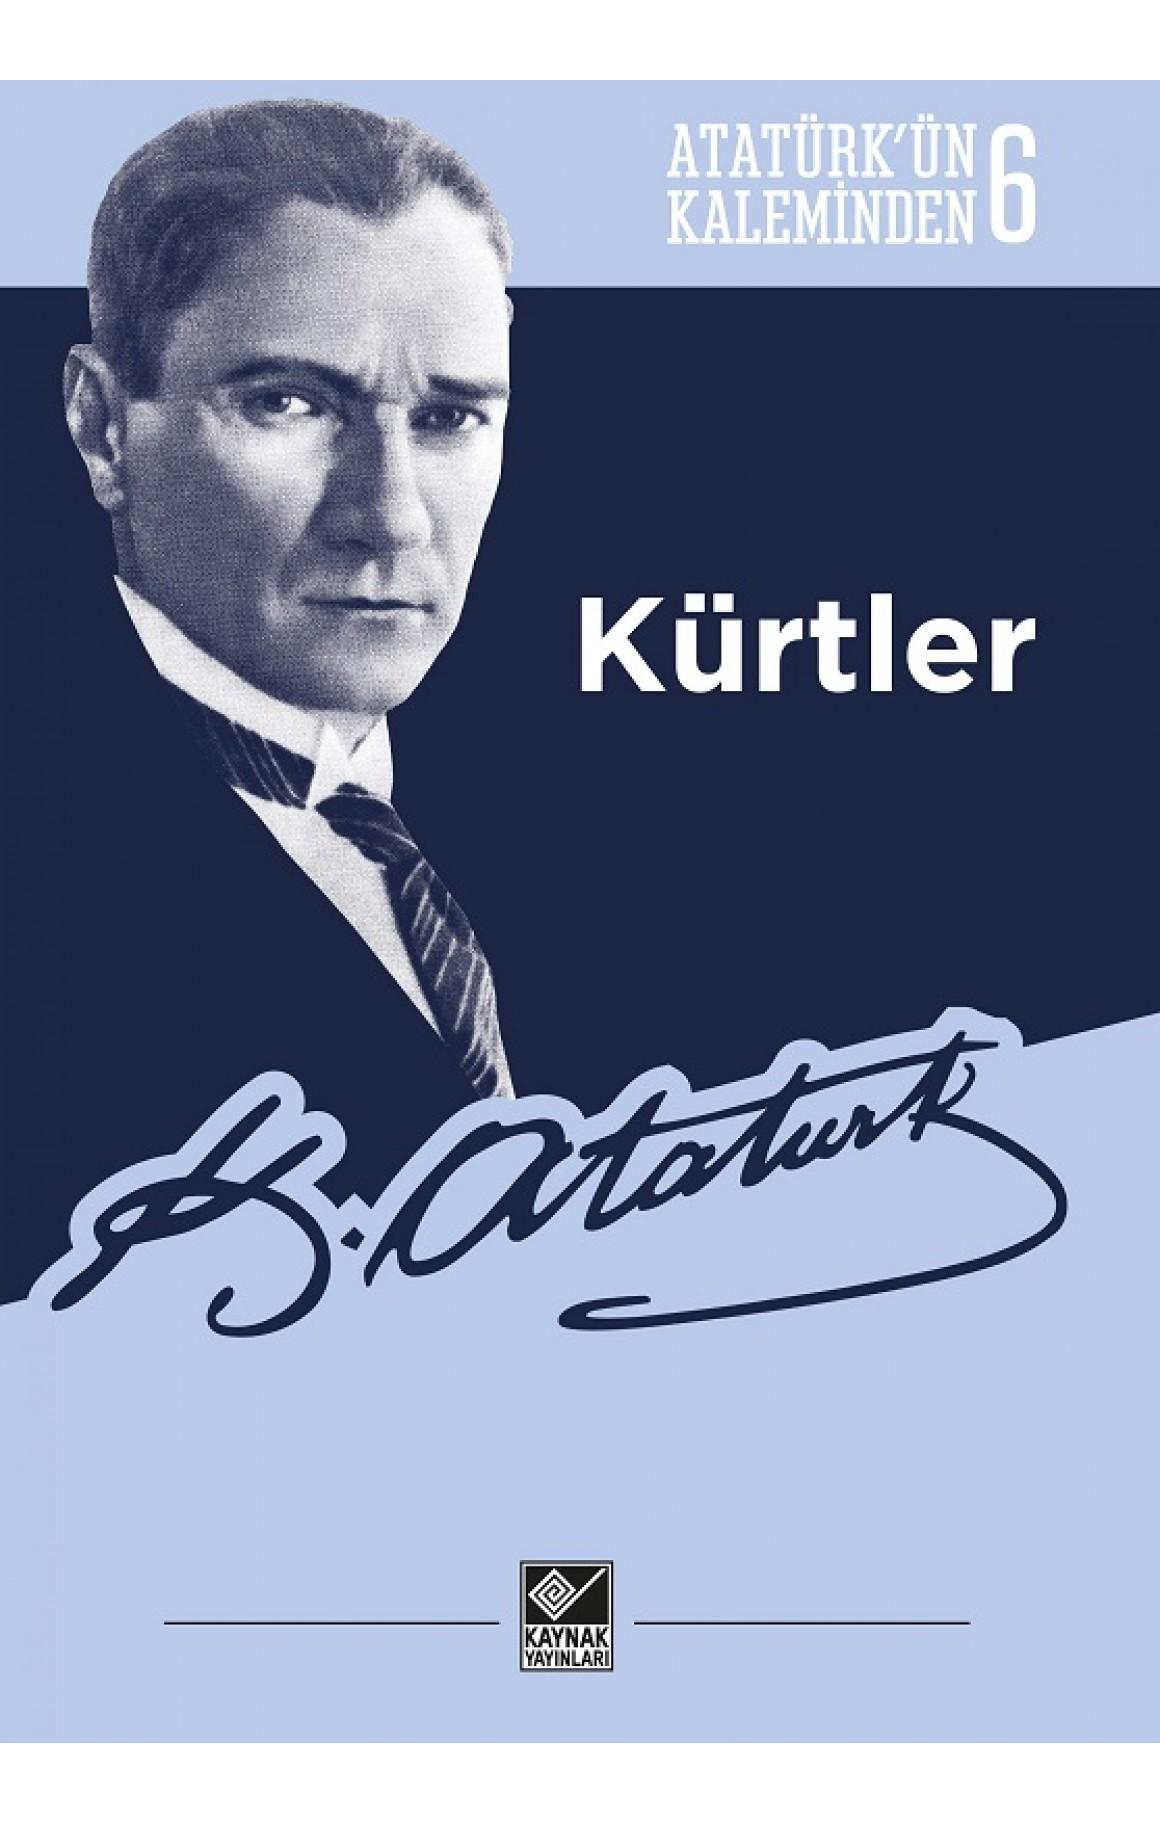 Atatürkün Kaleminden 6-Kürtler